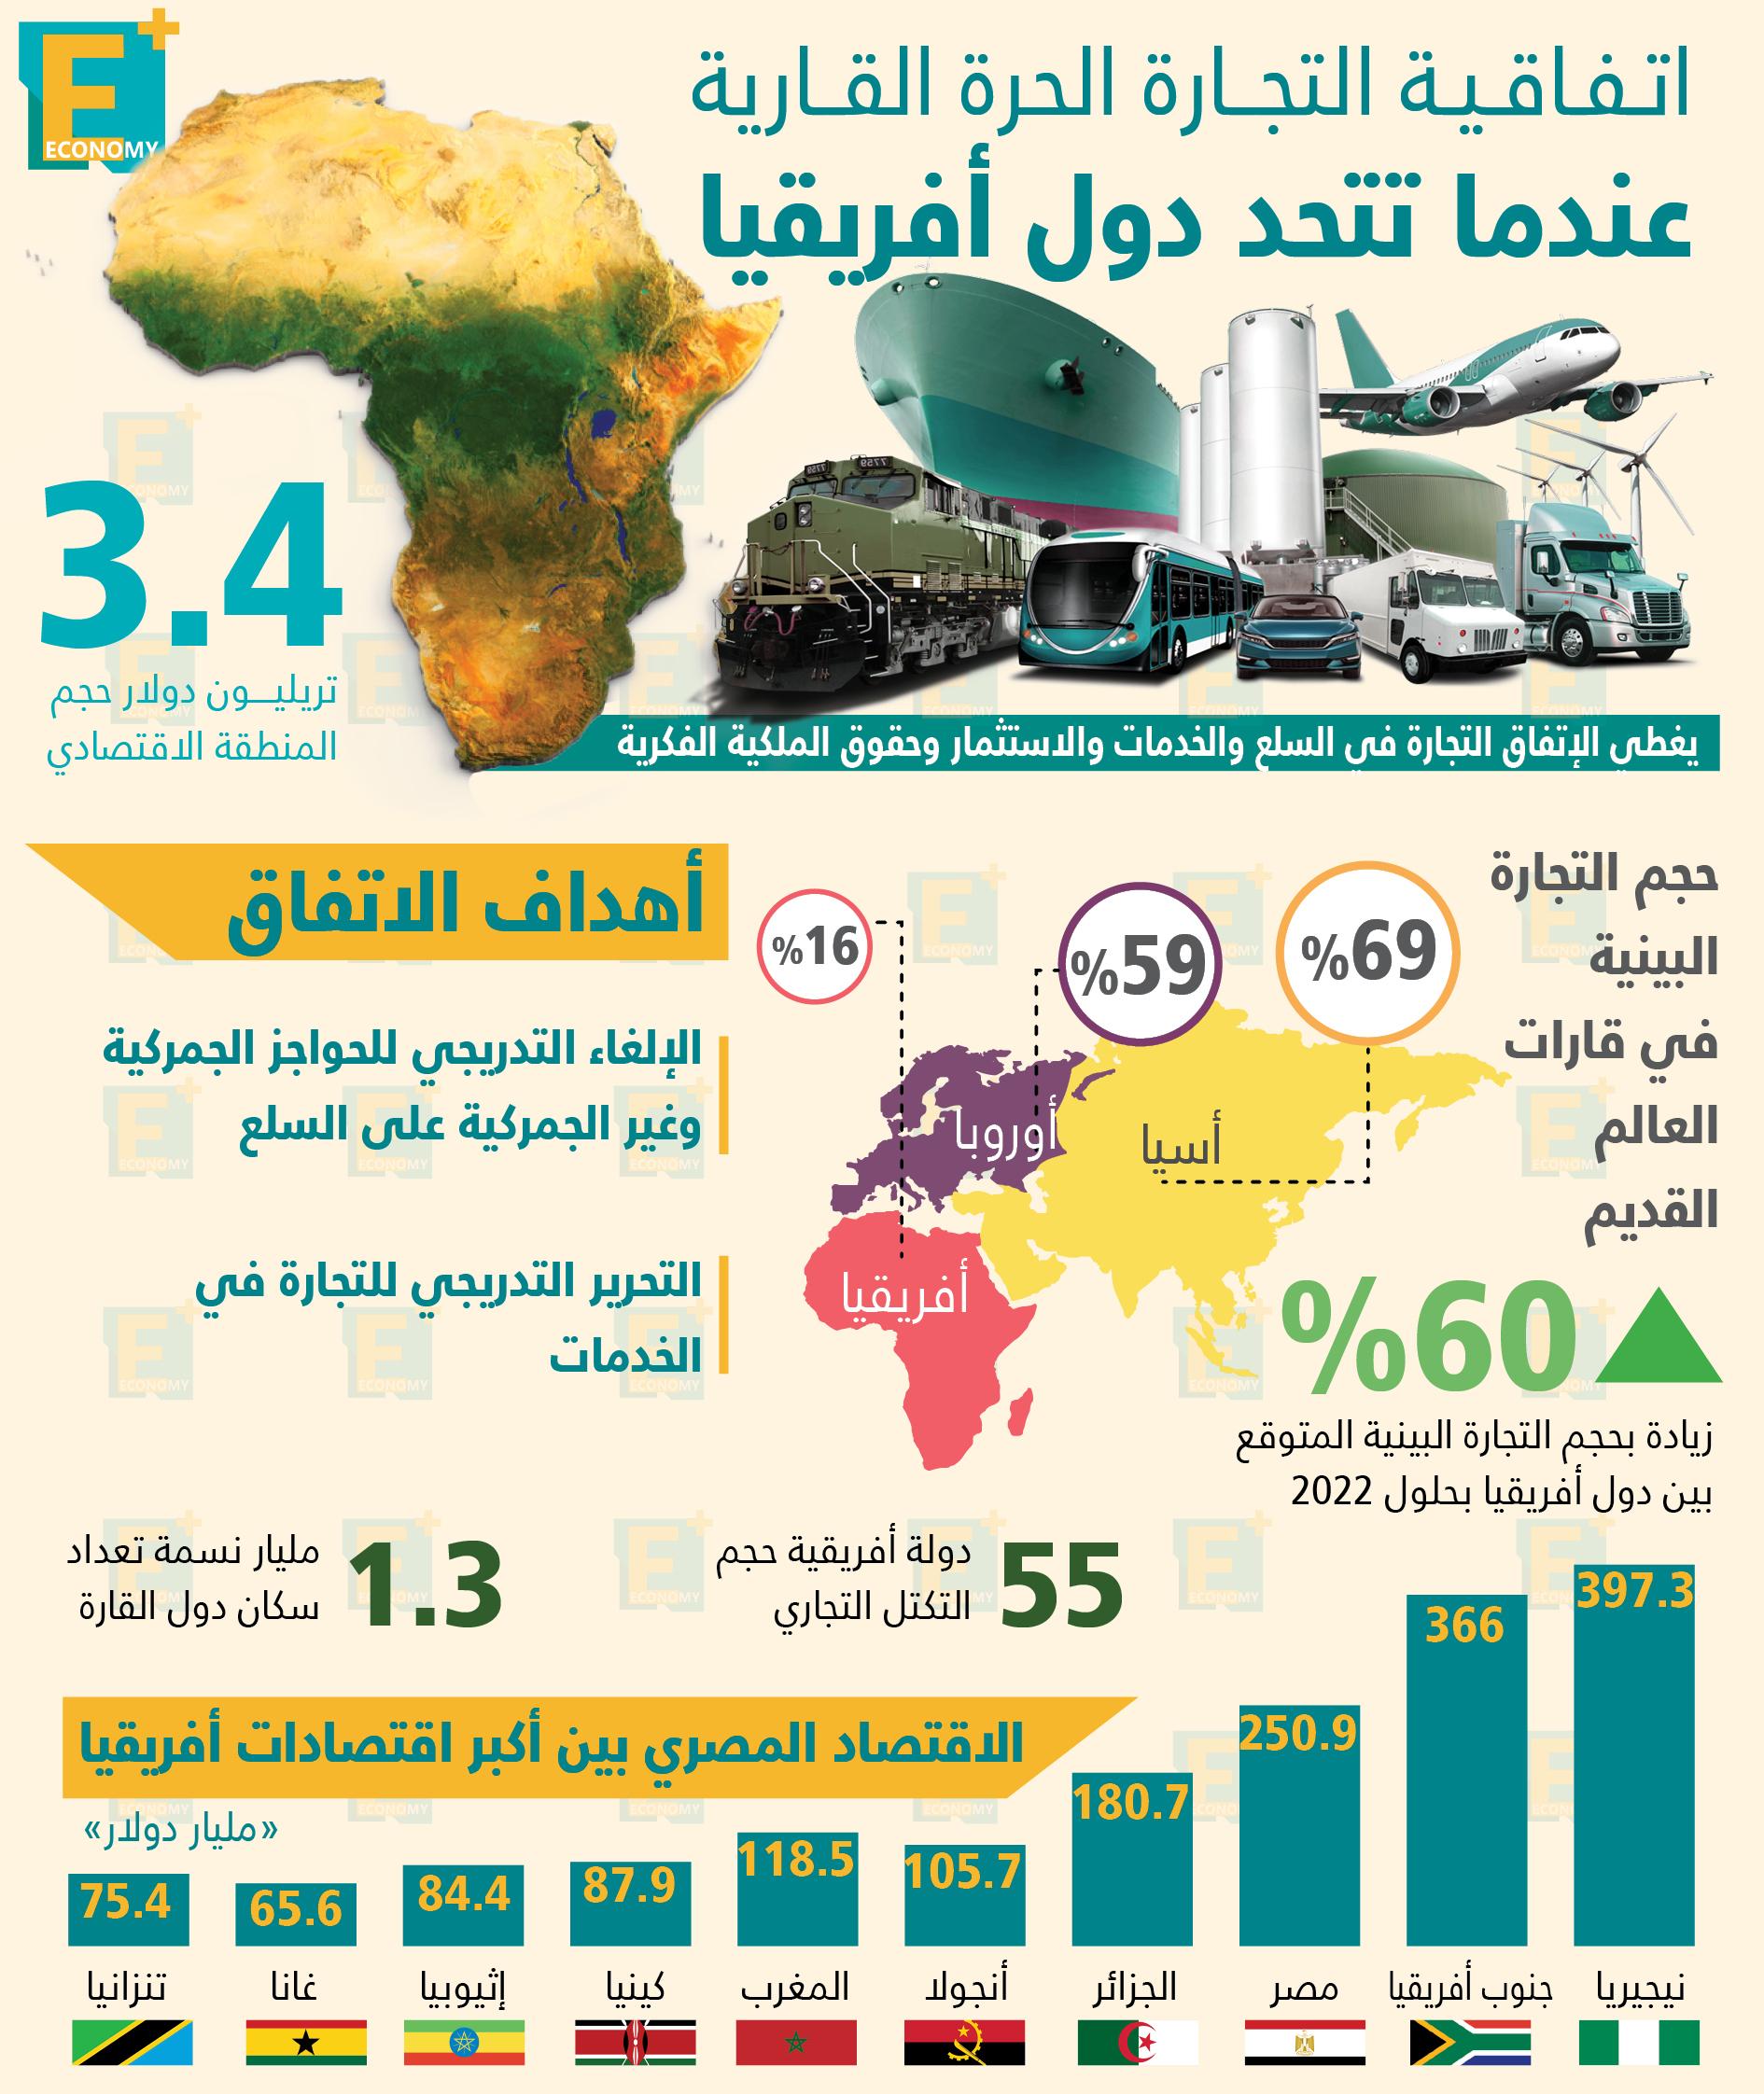 اتفاقية التجارة الحرة القارية عندما تتحد دول أفريقيا